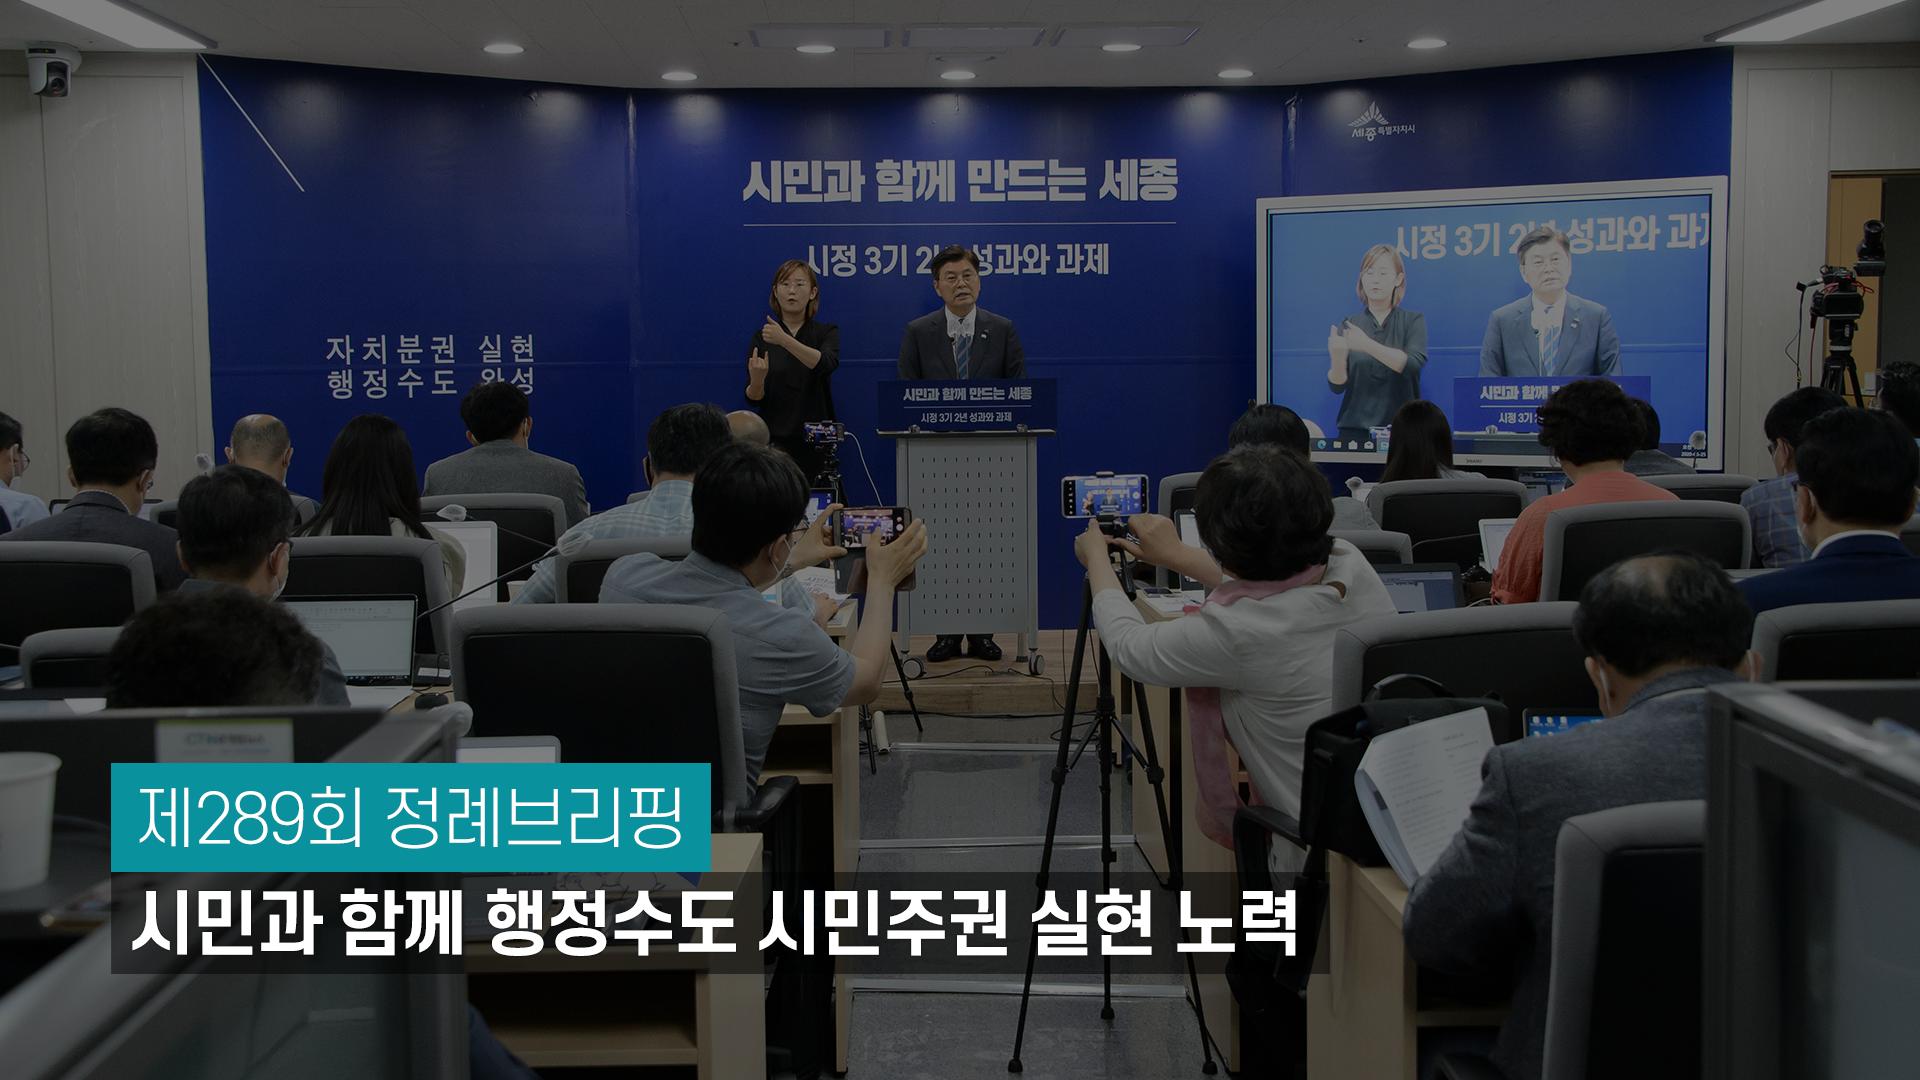 <289번째 정례브래핑> 시민과 함께 행정수도 시민주권 실현 노력